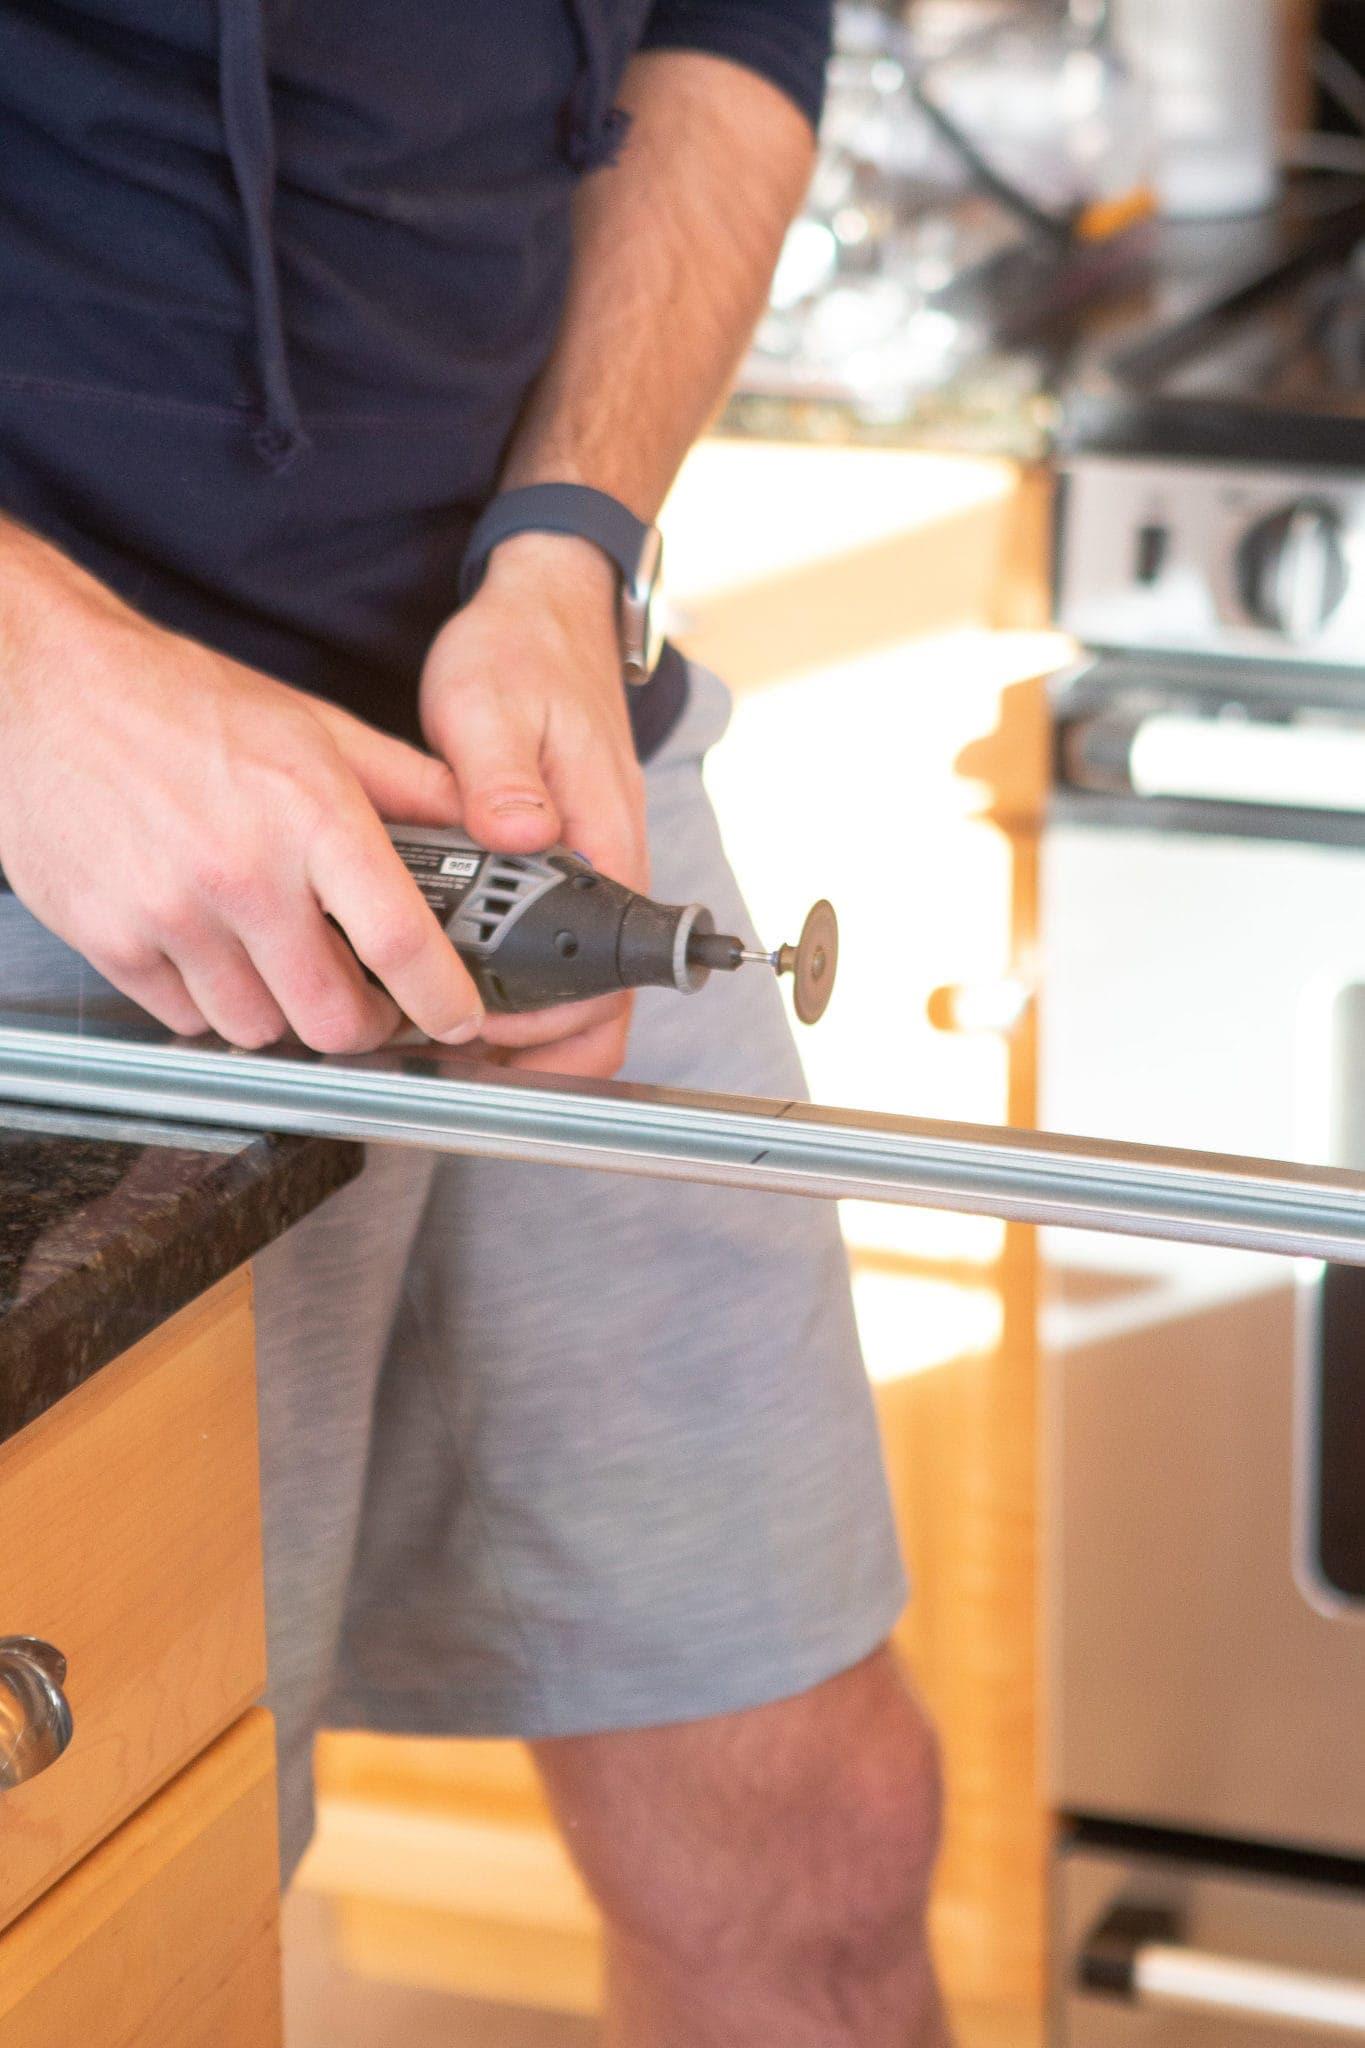 Using a metal dremel bit to cut metal rail on IKEA